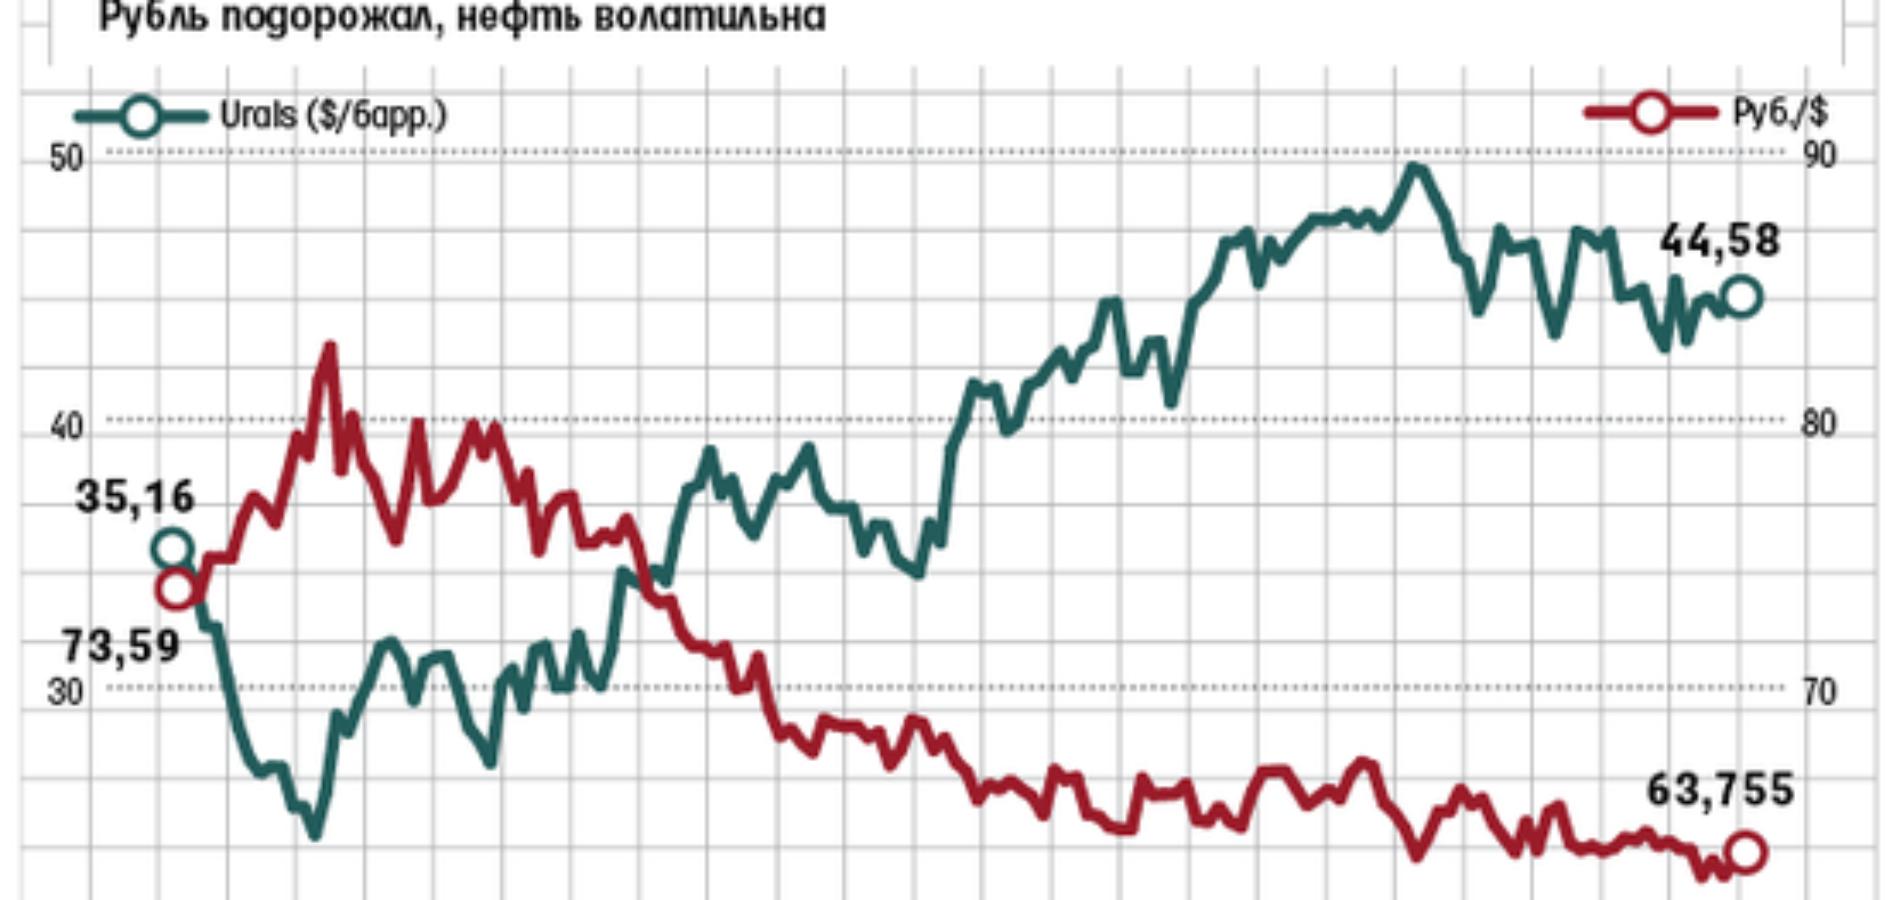 Укрепление рубля обеспокоило российские власти